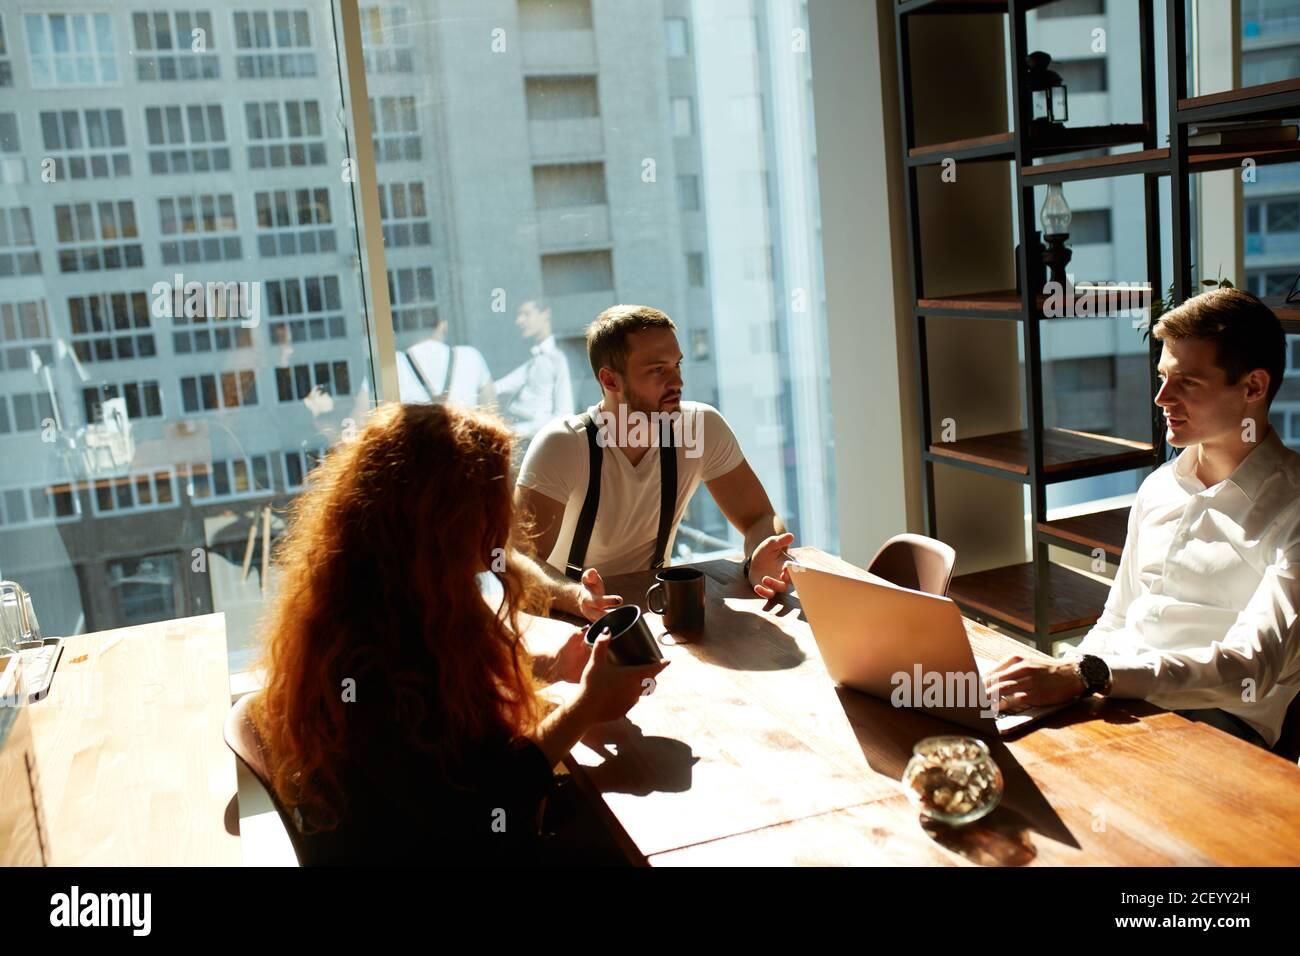 Empleados que tienen una discusión durante una pausa para tomar café en la oficina. Relaciones complicadas y conflictos en el lugar de trabajo. 2 hombres teniendo una conversación acalorada a Foto de stock